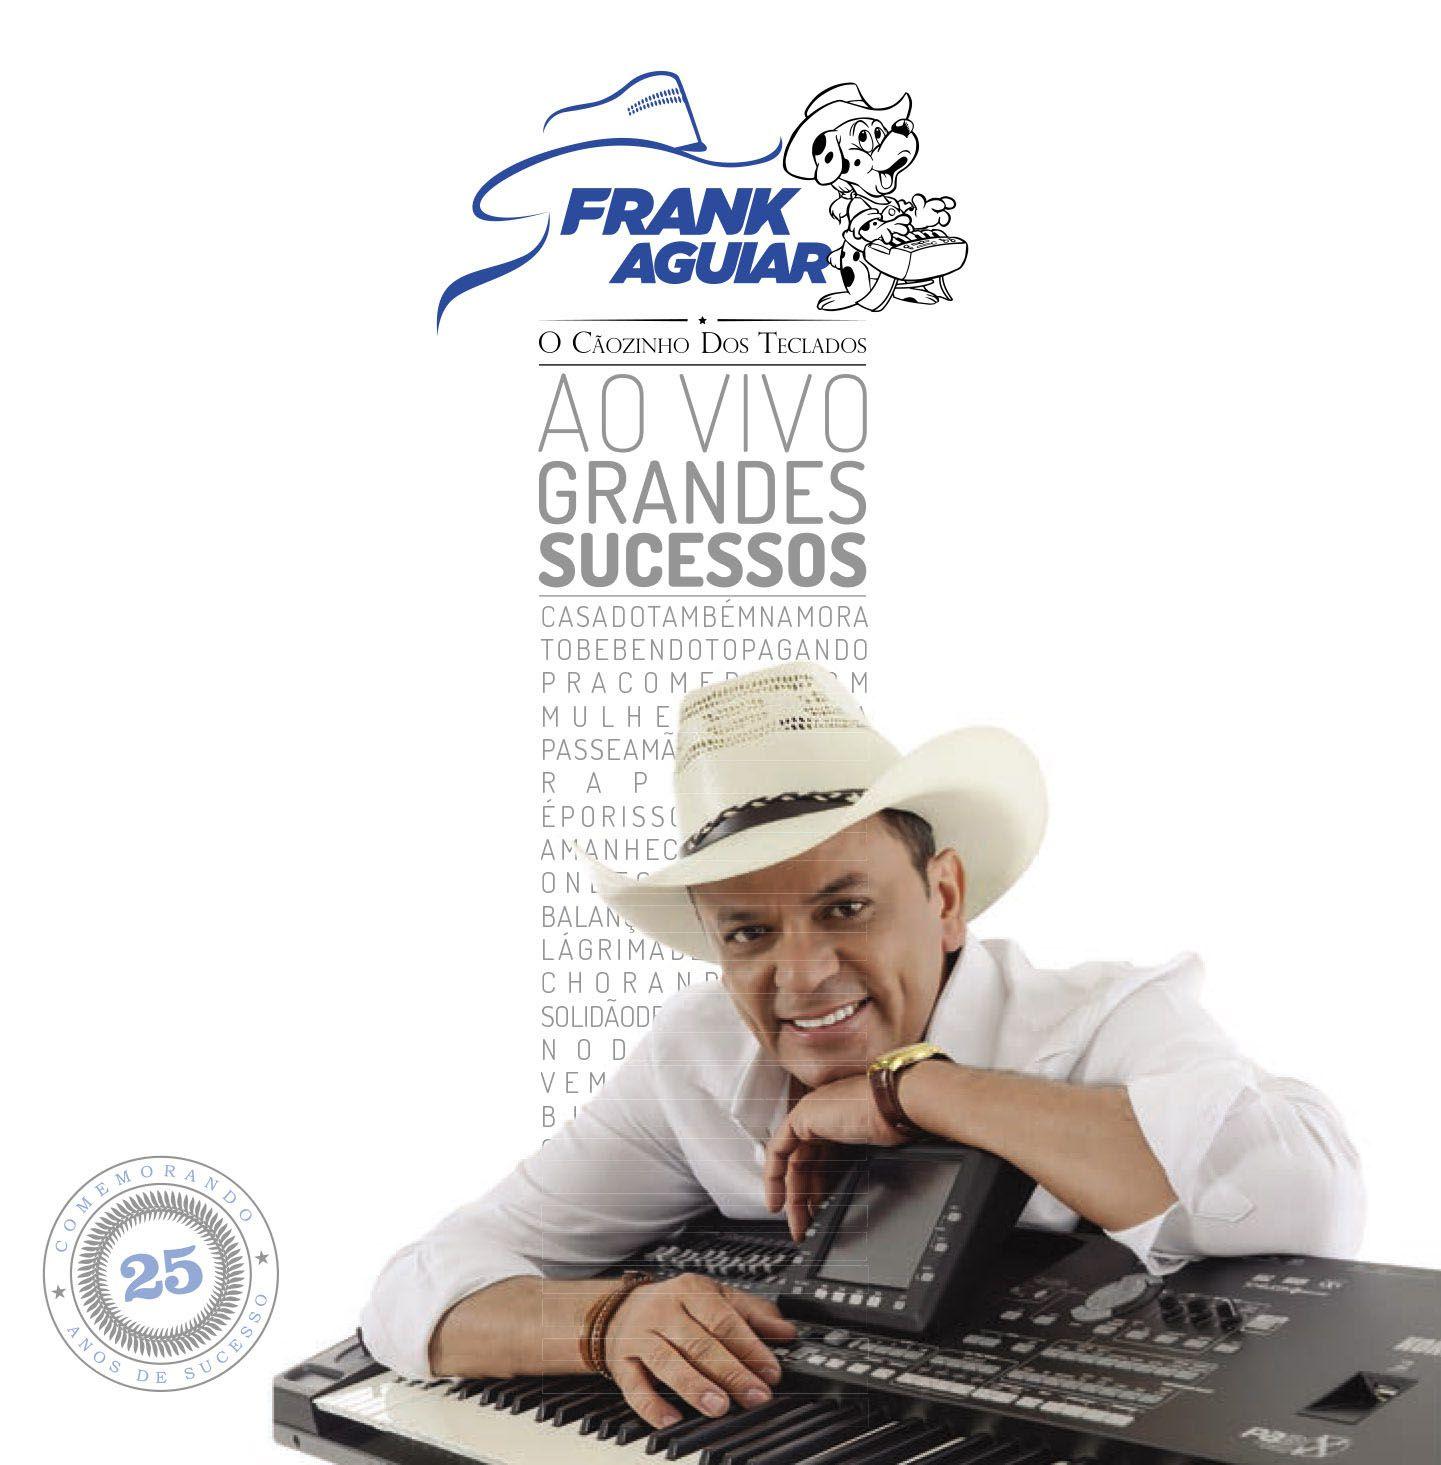 CD Frank Aguiar - Grandes Sucessos Ao Vivo